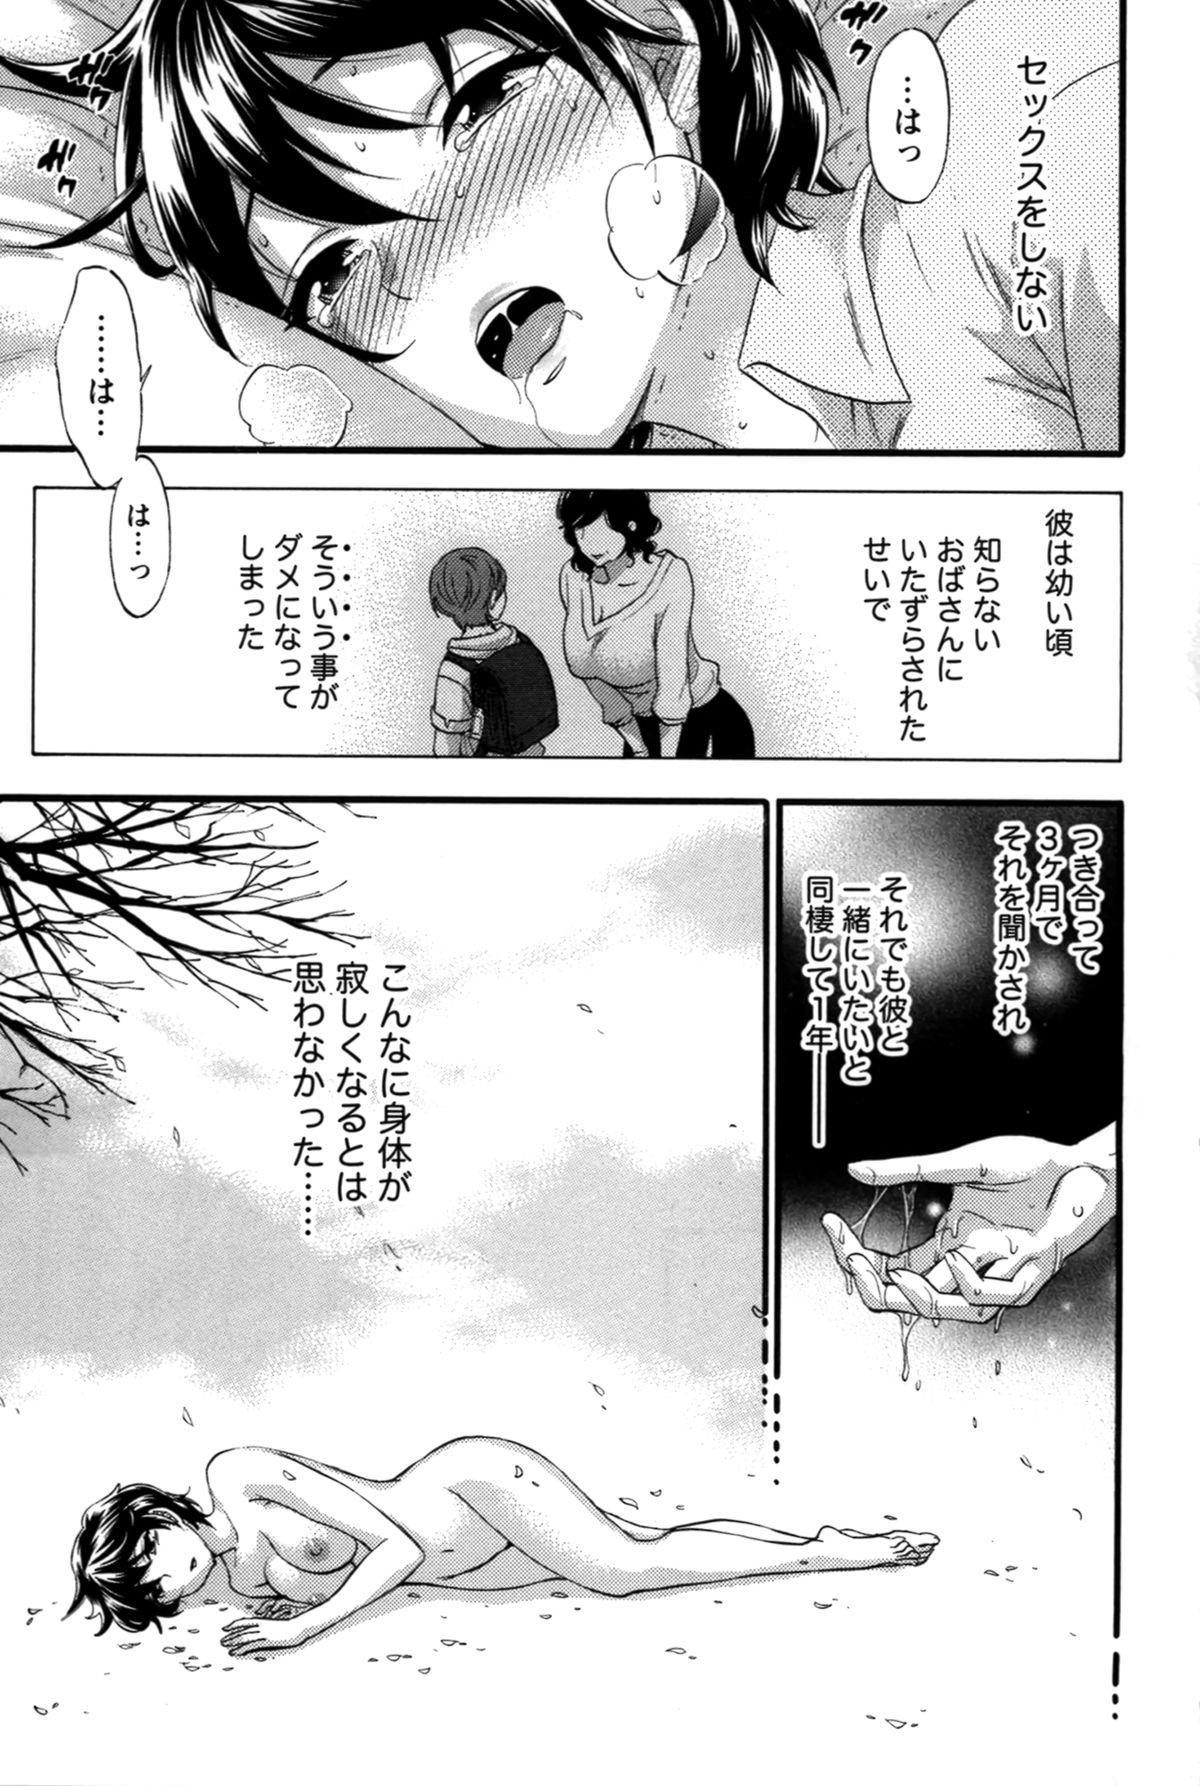 Anata to Watashi wa Warukunai 107